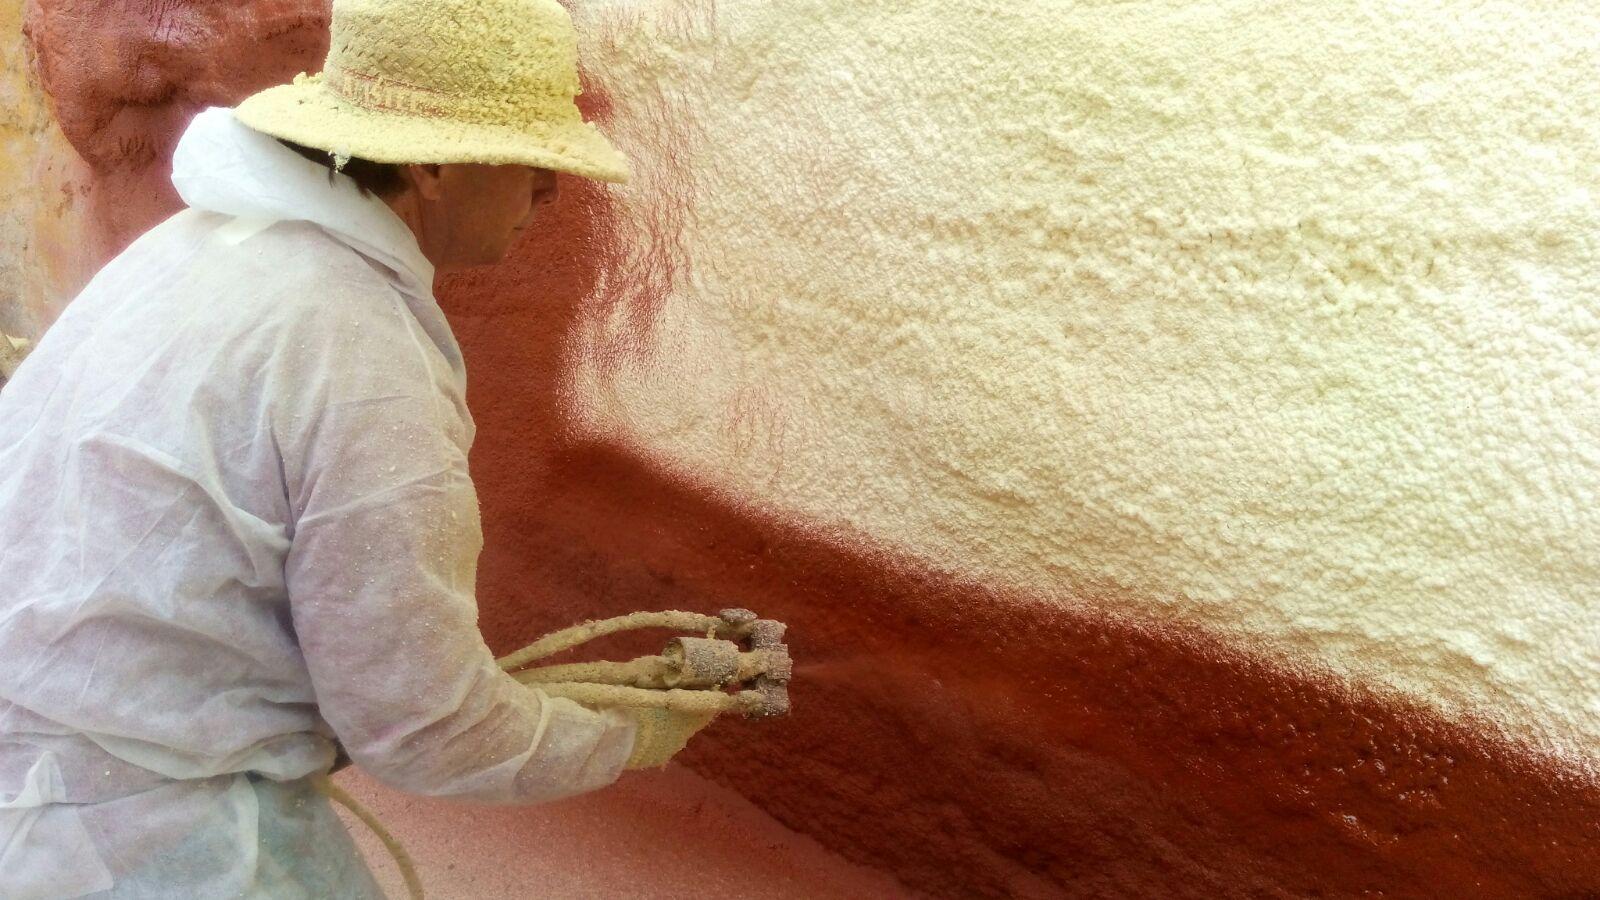 Aislamientos térmicos con poliuretano: Servicios  de Aislamientos de Poliuretano Jaime Femenia